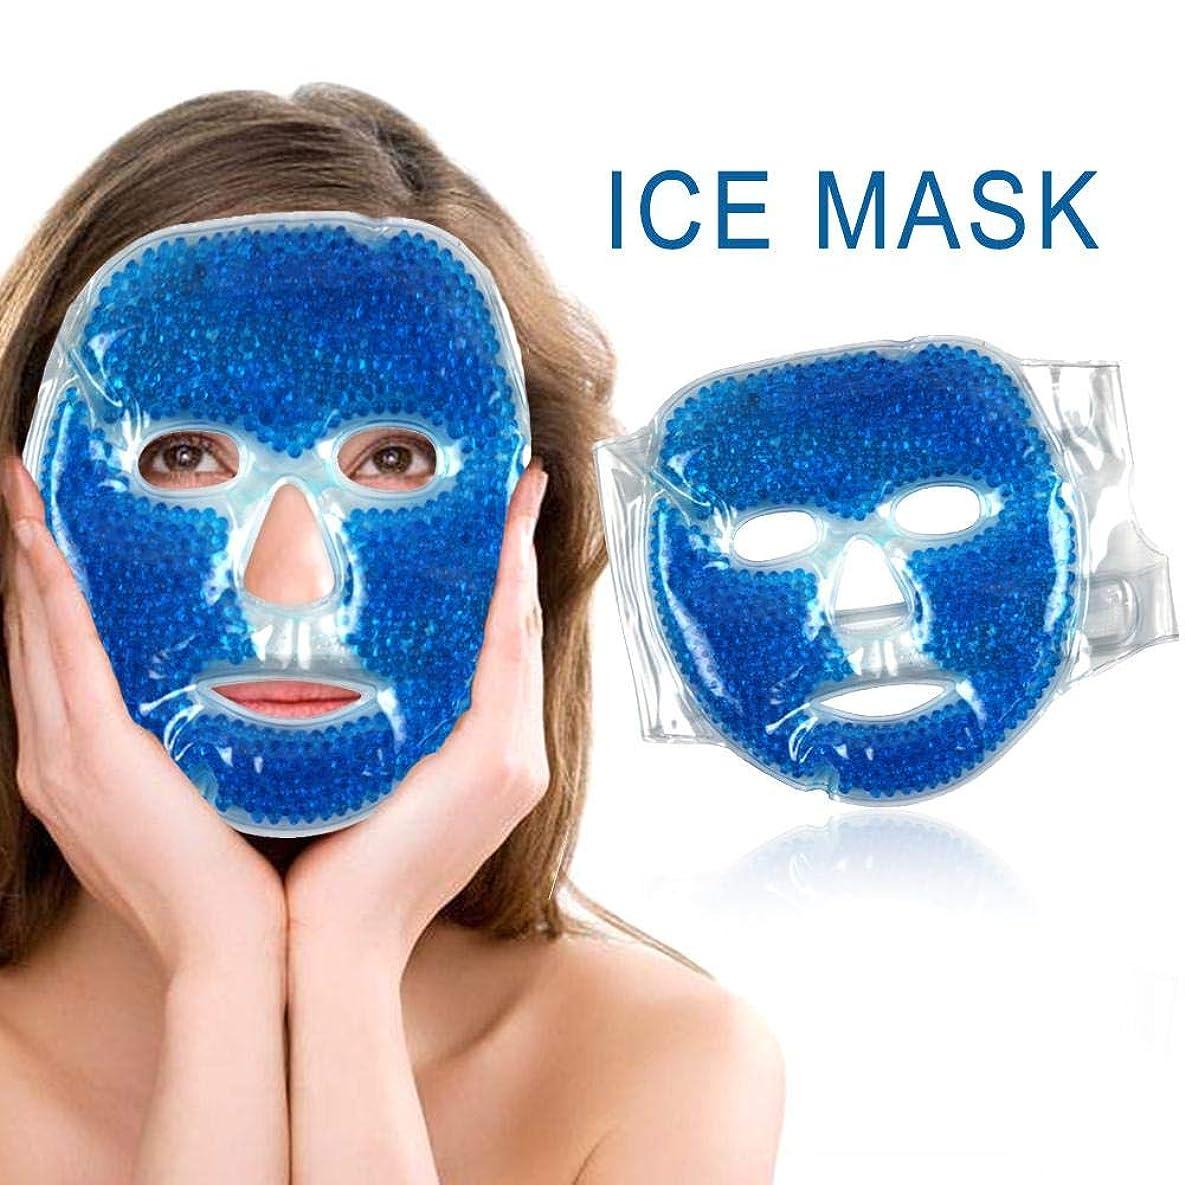 憲法バン連帯SILUN フェイスマスク 冷温兼用 アイスマスク 美容用 再利用可能 毛細血管収縮 疲労緩和 肌ケア 保湿 吸収しやすい 美容マッサージ